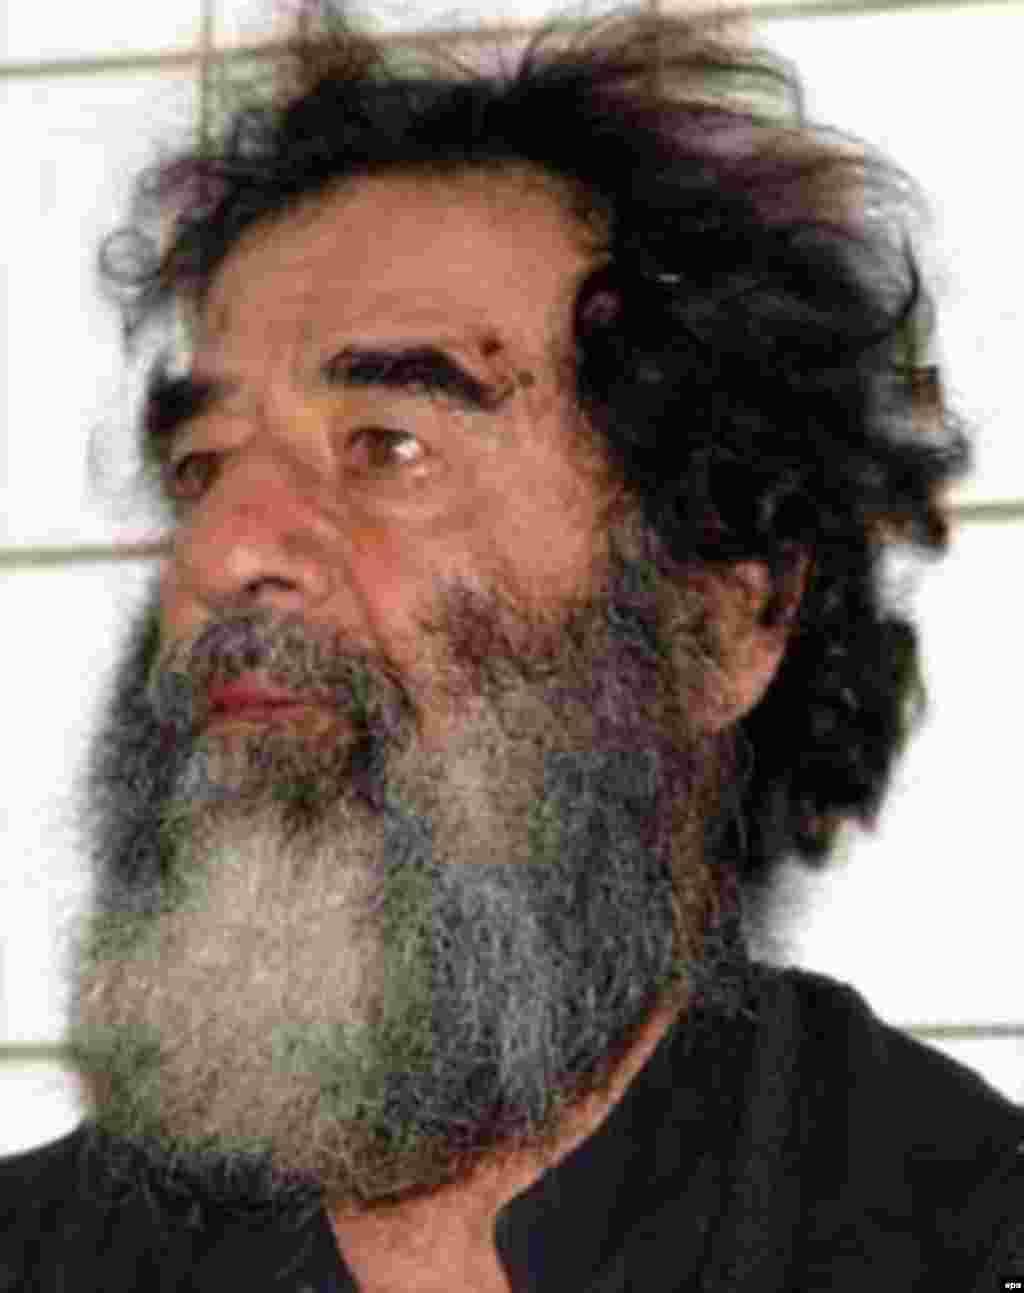 """Iraq -- Saddam Hussein shortly after his capture on 14Dec2006 - Säddam Xösäyen 2003neñ 13 Dikäberendä qulğa alınğannan soñ. Soraw alu waqıtında ul """"min qatı qullı, läkin ğädel citäkçe idem"""" digän. (epa)"""